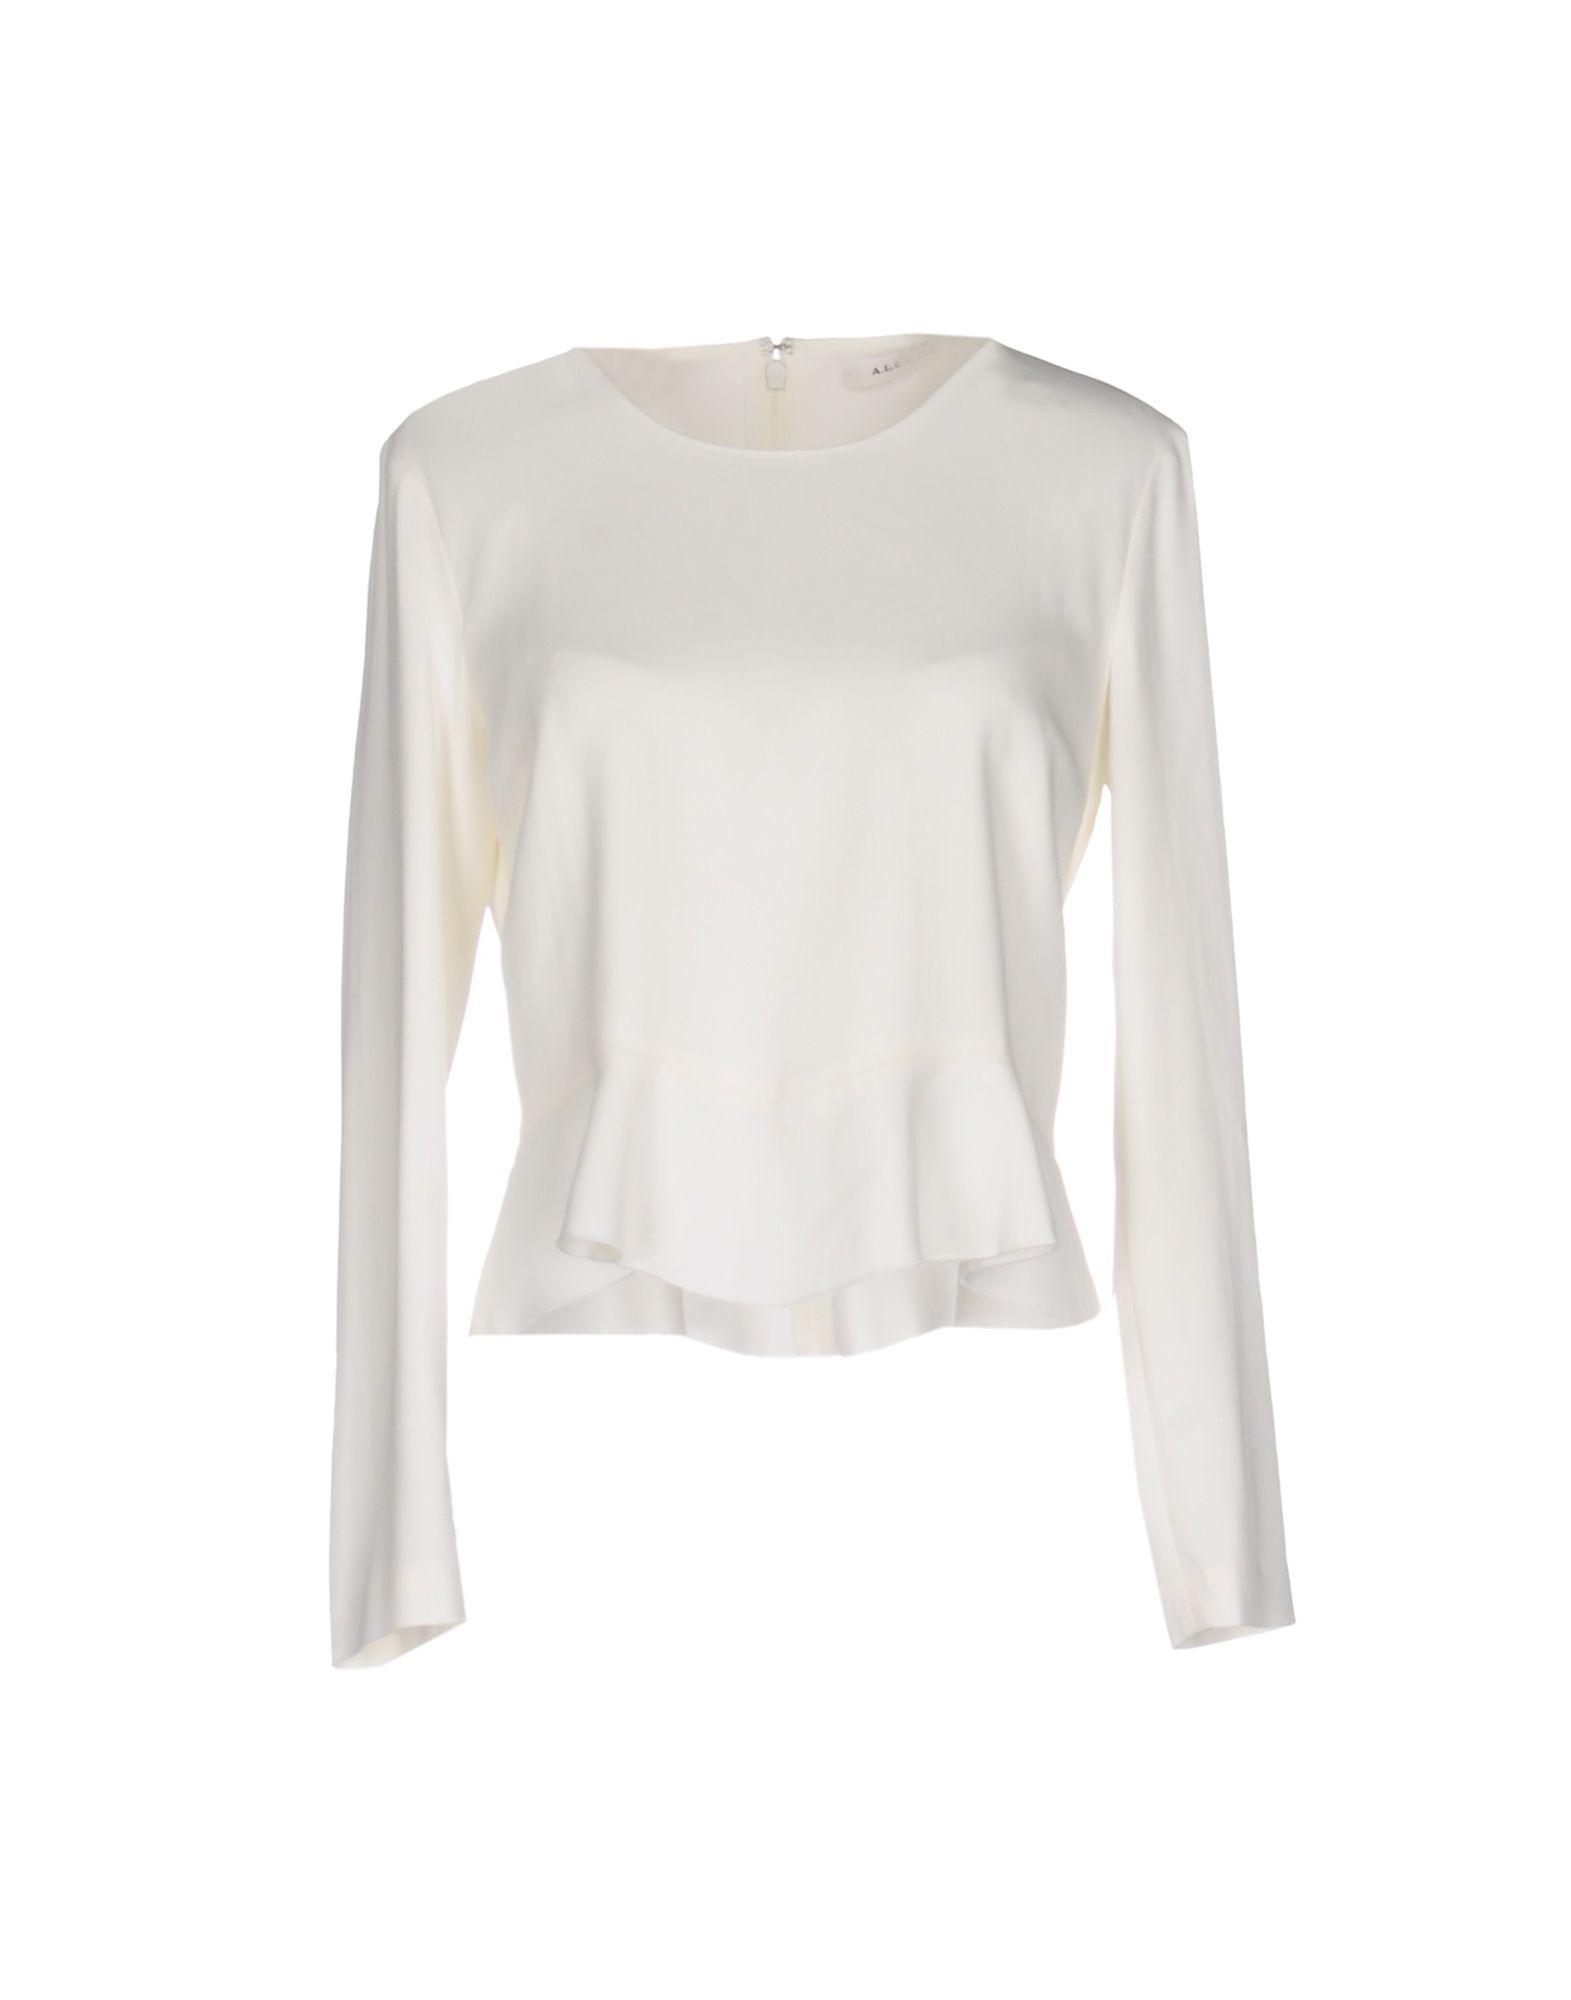 A.L.C. Damen Bluse Farbe Weiß Größe 4 jetztbilligerkaufen